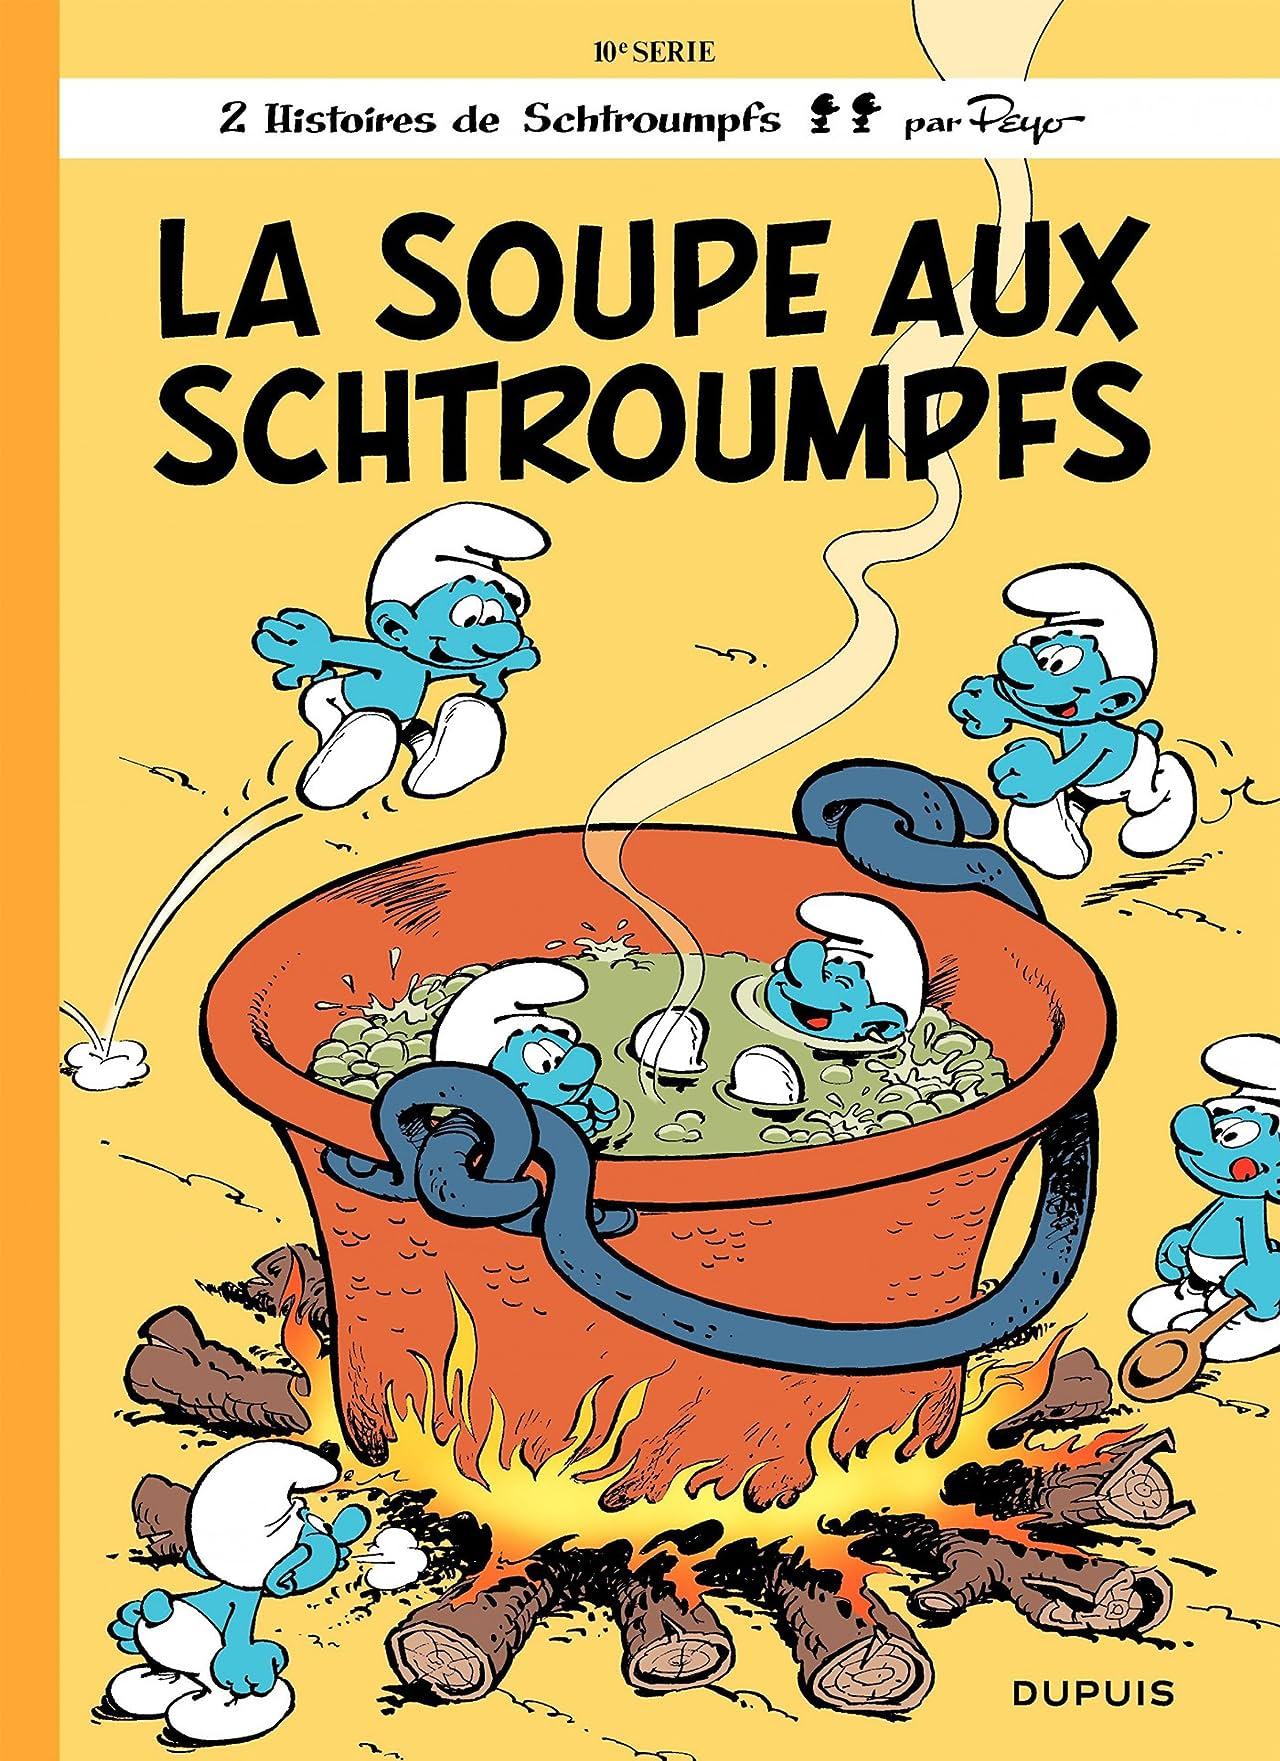 Les Schtroumpfs Vol. 10: La Soupe aux Schtroumpfs